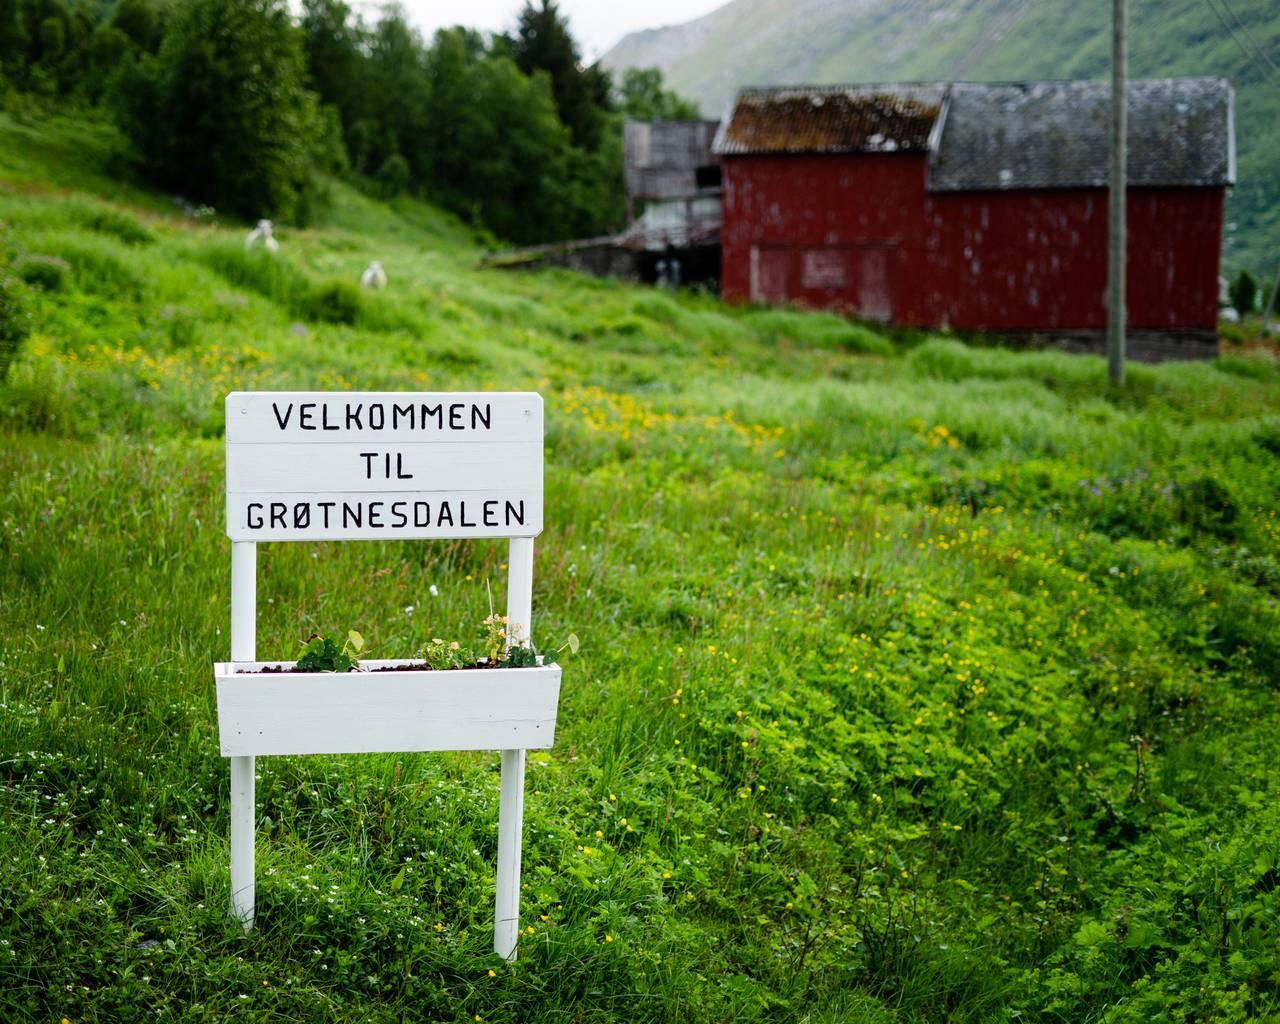 Et skilt viser Velkommen til Grøtnesdalen